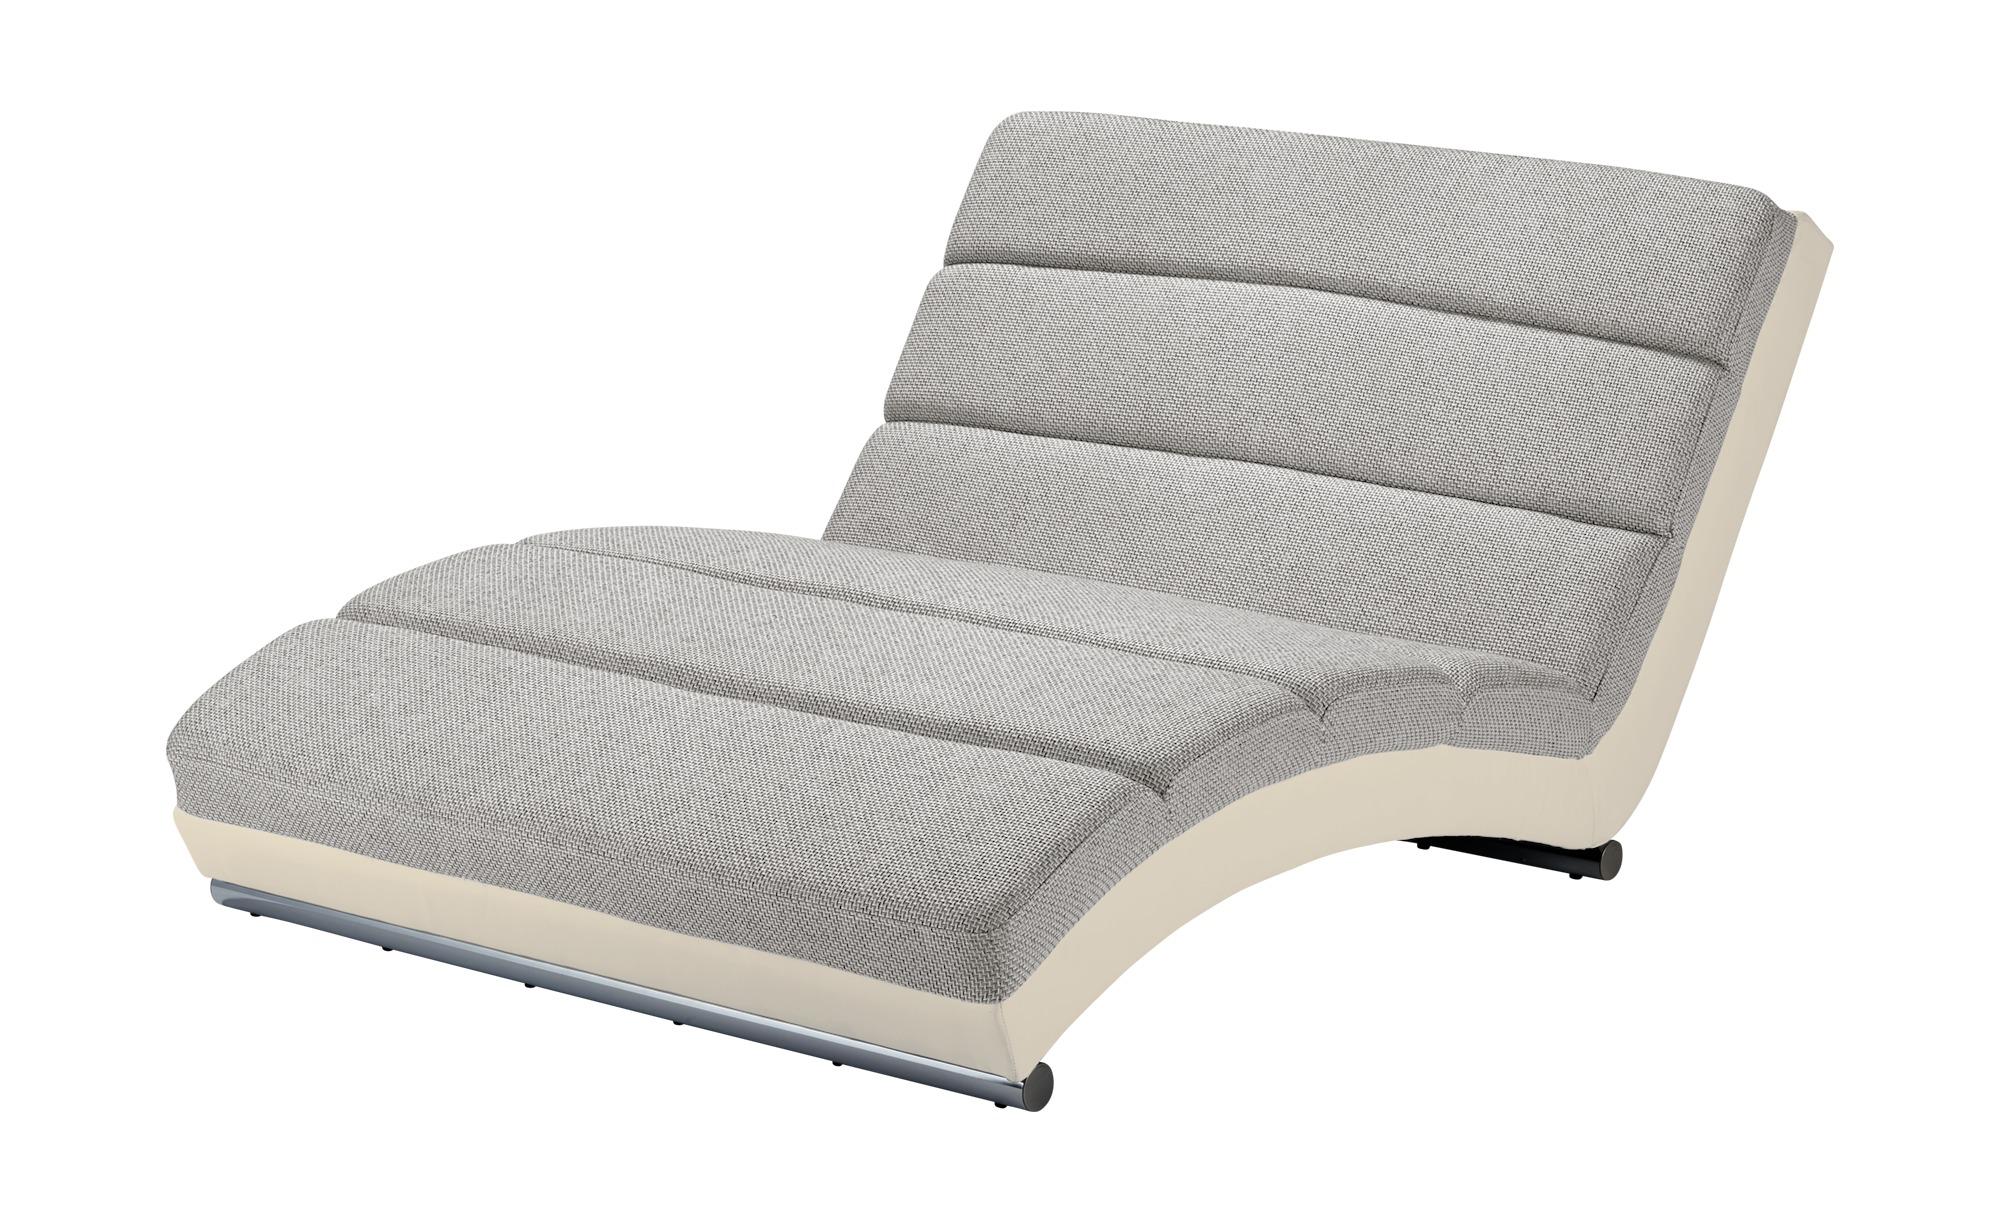 switch Relaxliege  Holiday - 121 cm - 80 cm - 175 cm - Polstermöbel > Relaxliegen - Möbel Kraft | Wohnzimmer > Sessel > Relaxliegen | switch